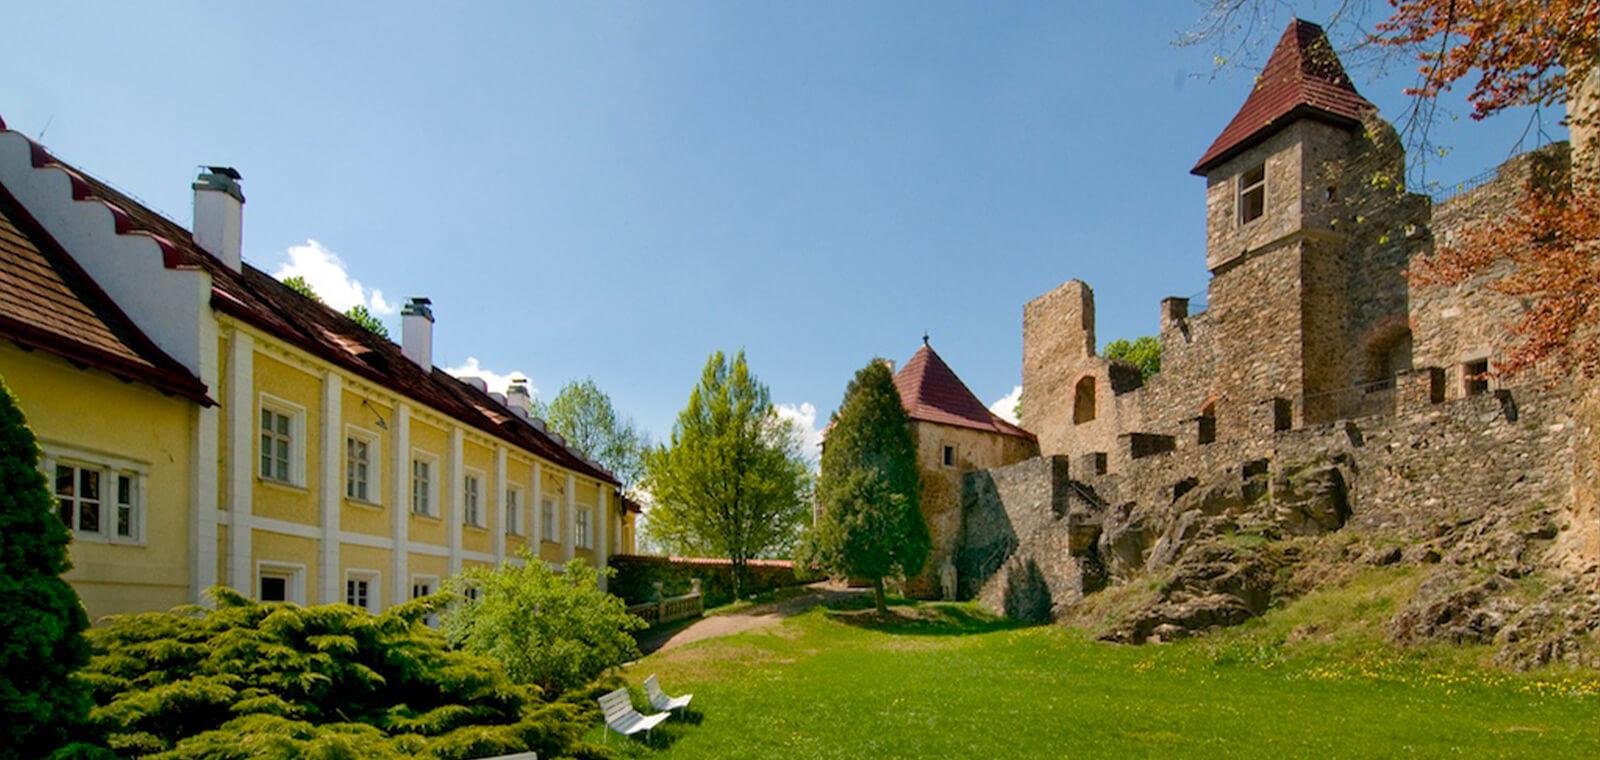 Klenova-hrad-zamek-teaser-01.jpg